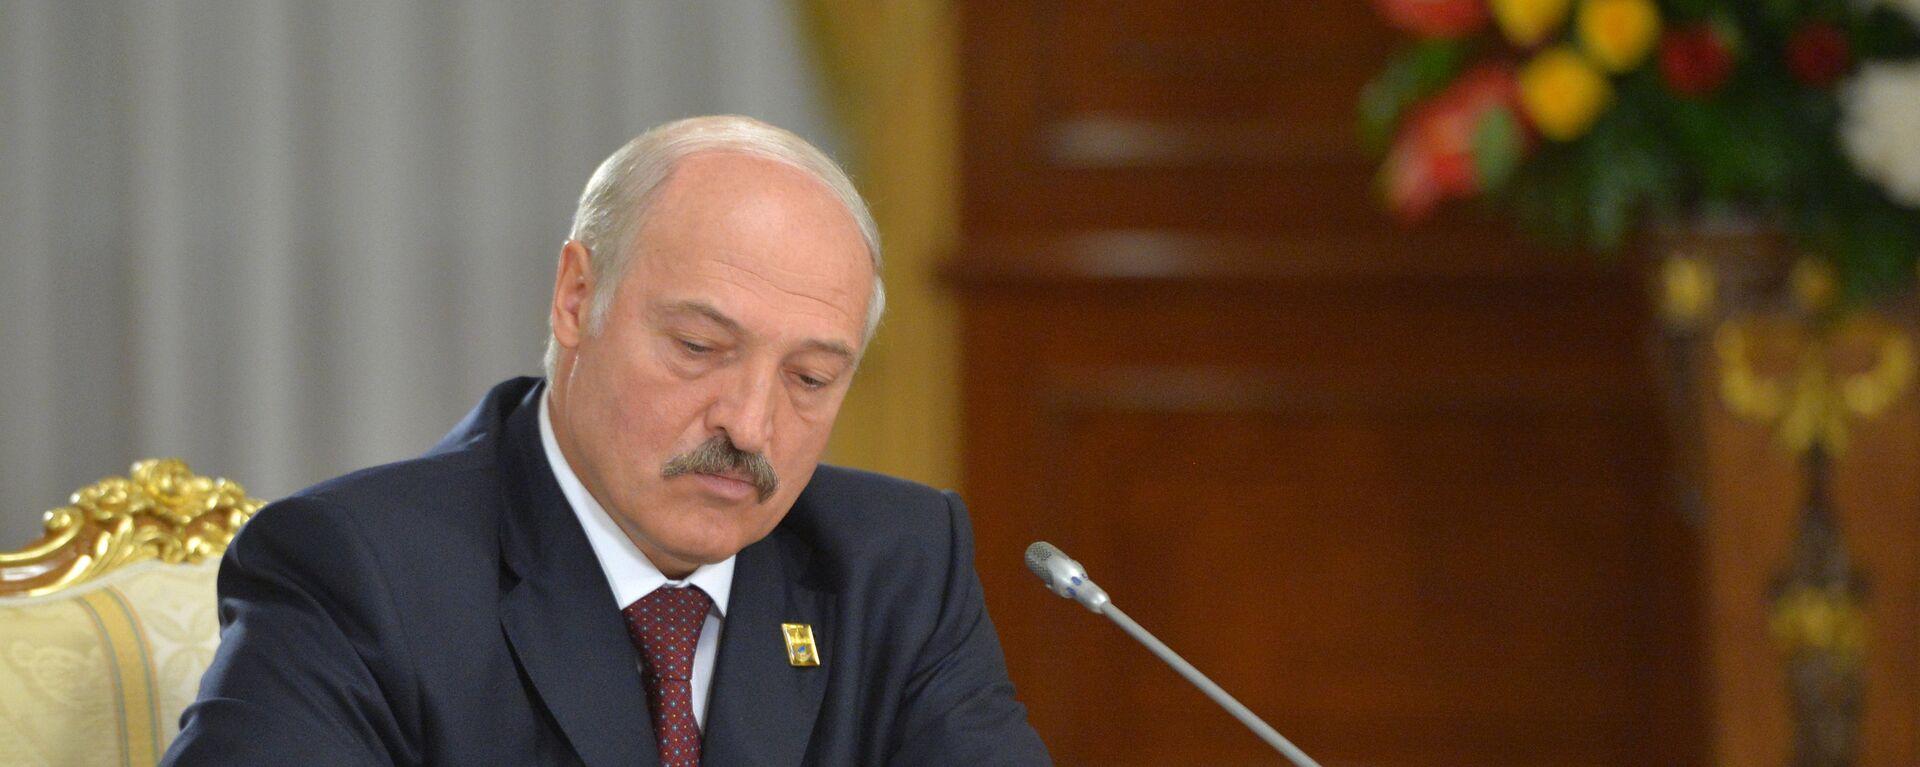 Alexandr Lukašenko - Sputnik Česká republika, 1920, 09.05.2021